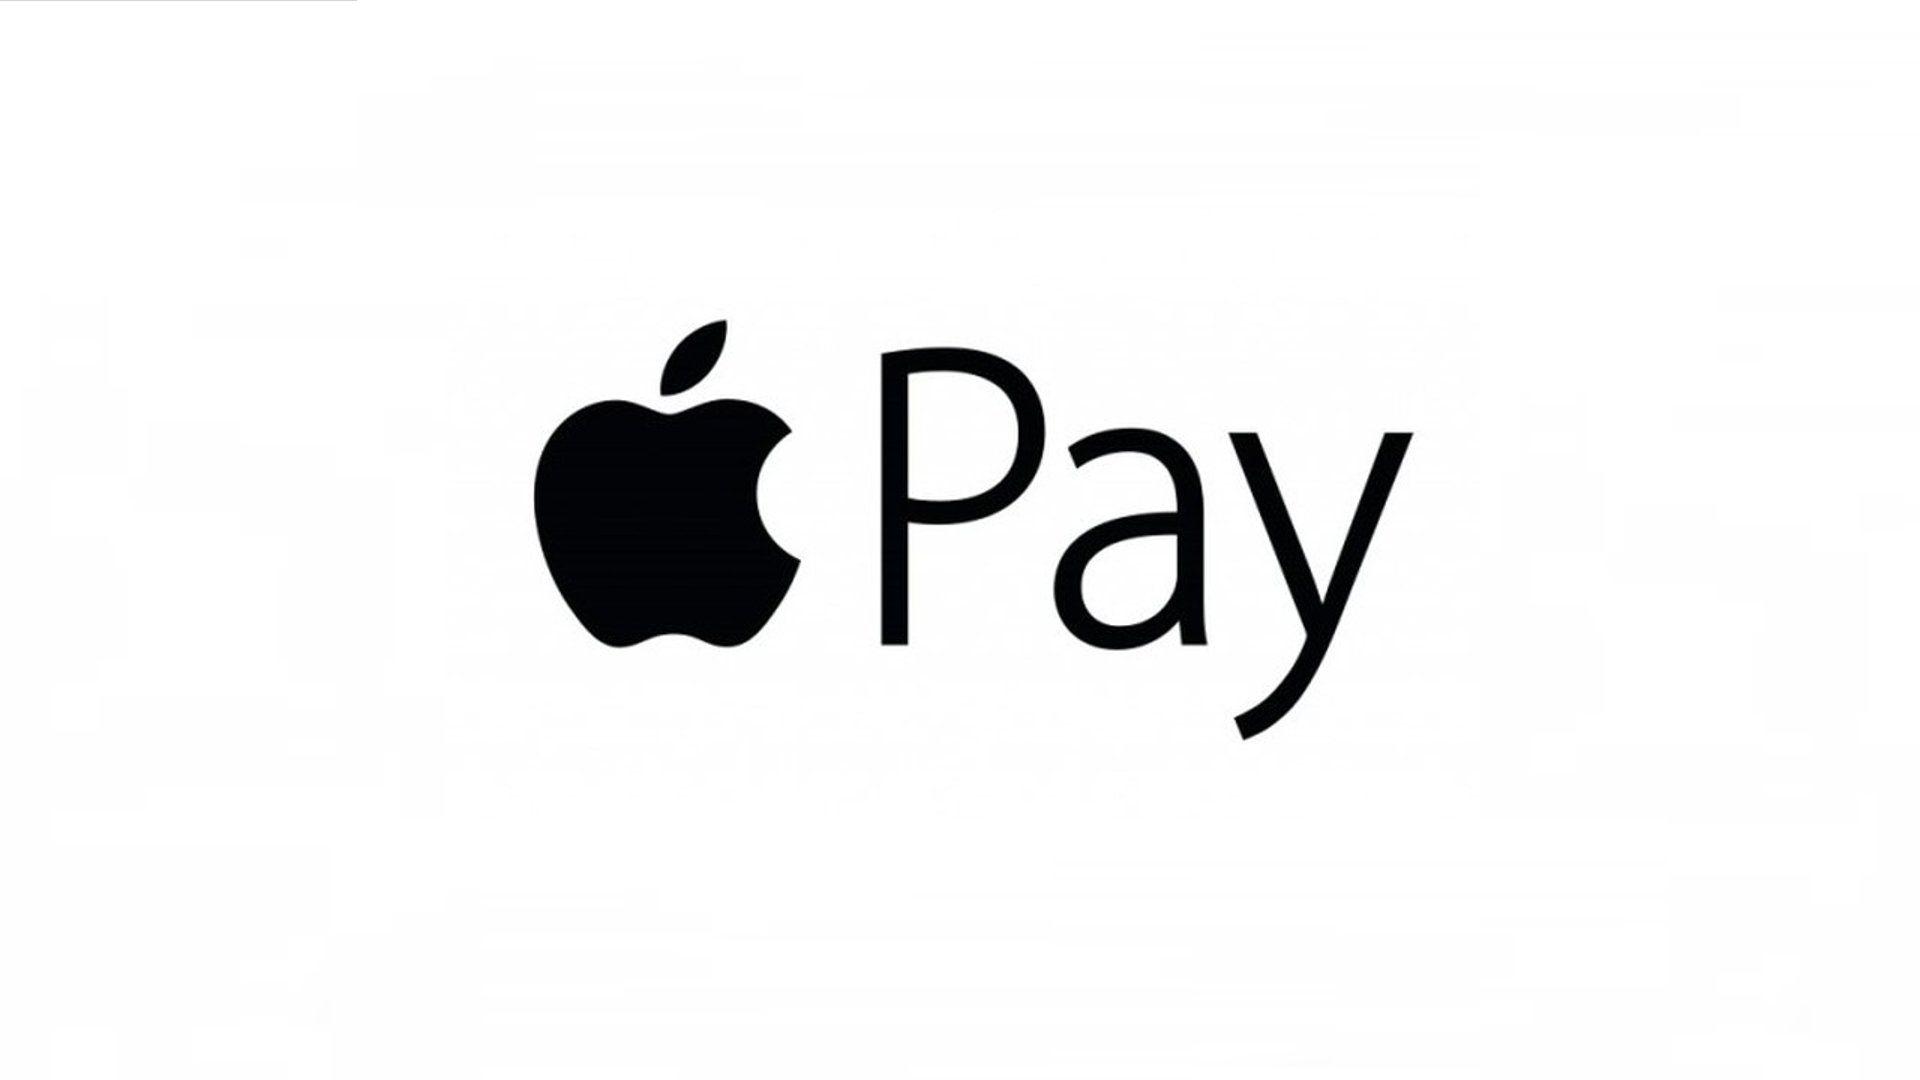 Trwają pracę nad ratami w usłudze Apple Pay czyli Apple Pay Later